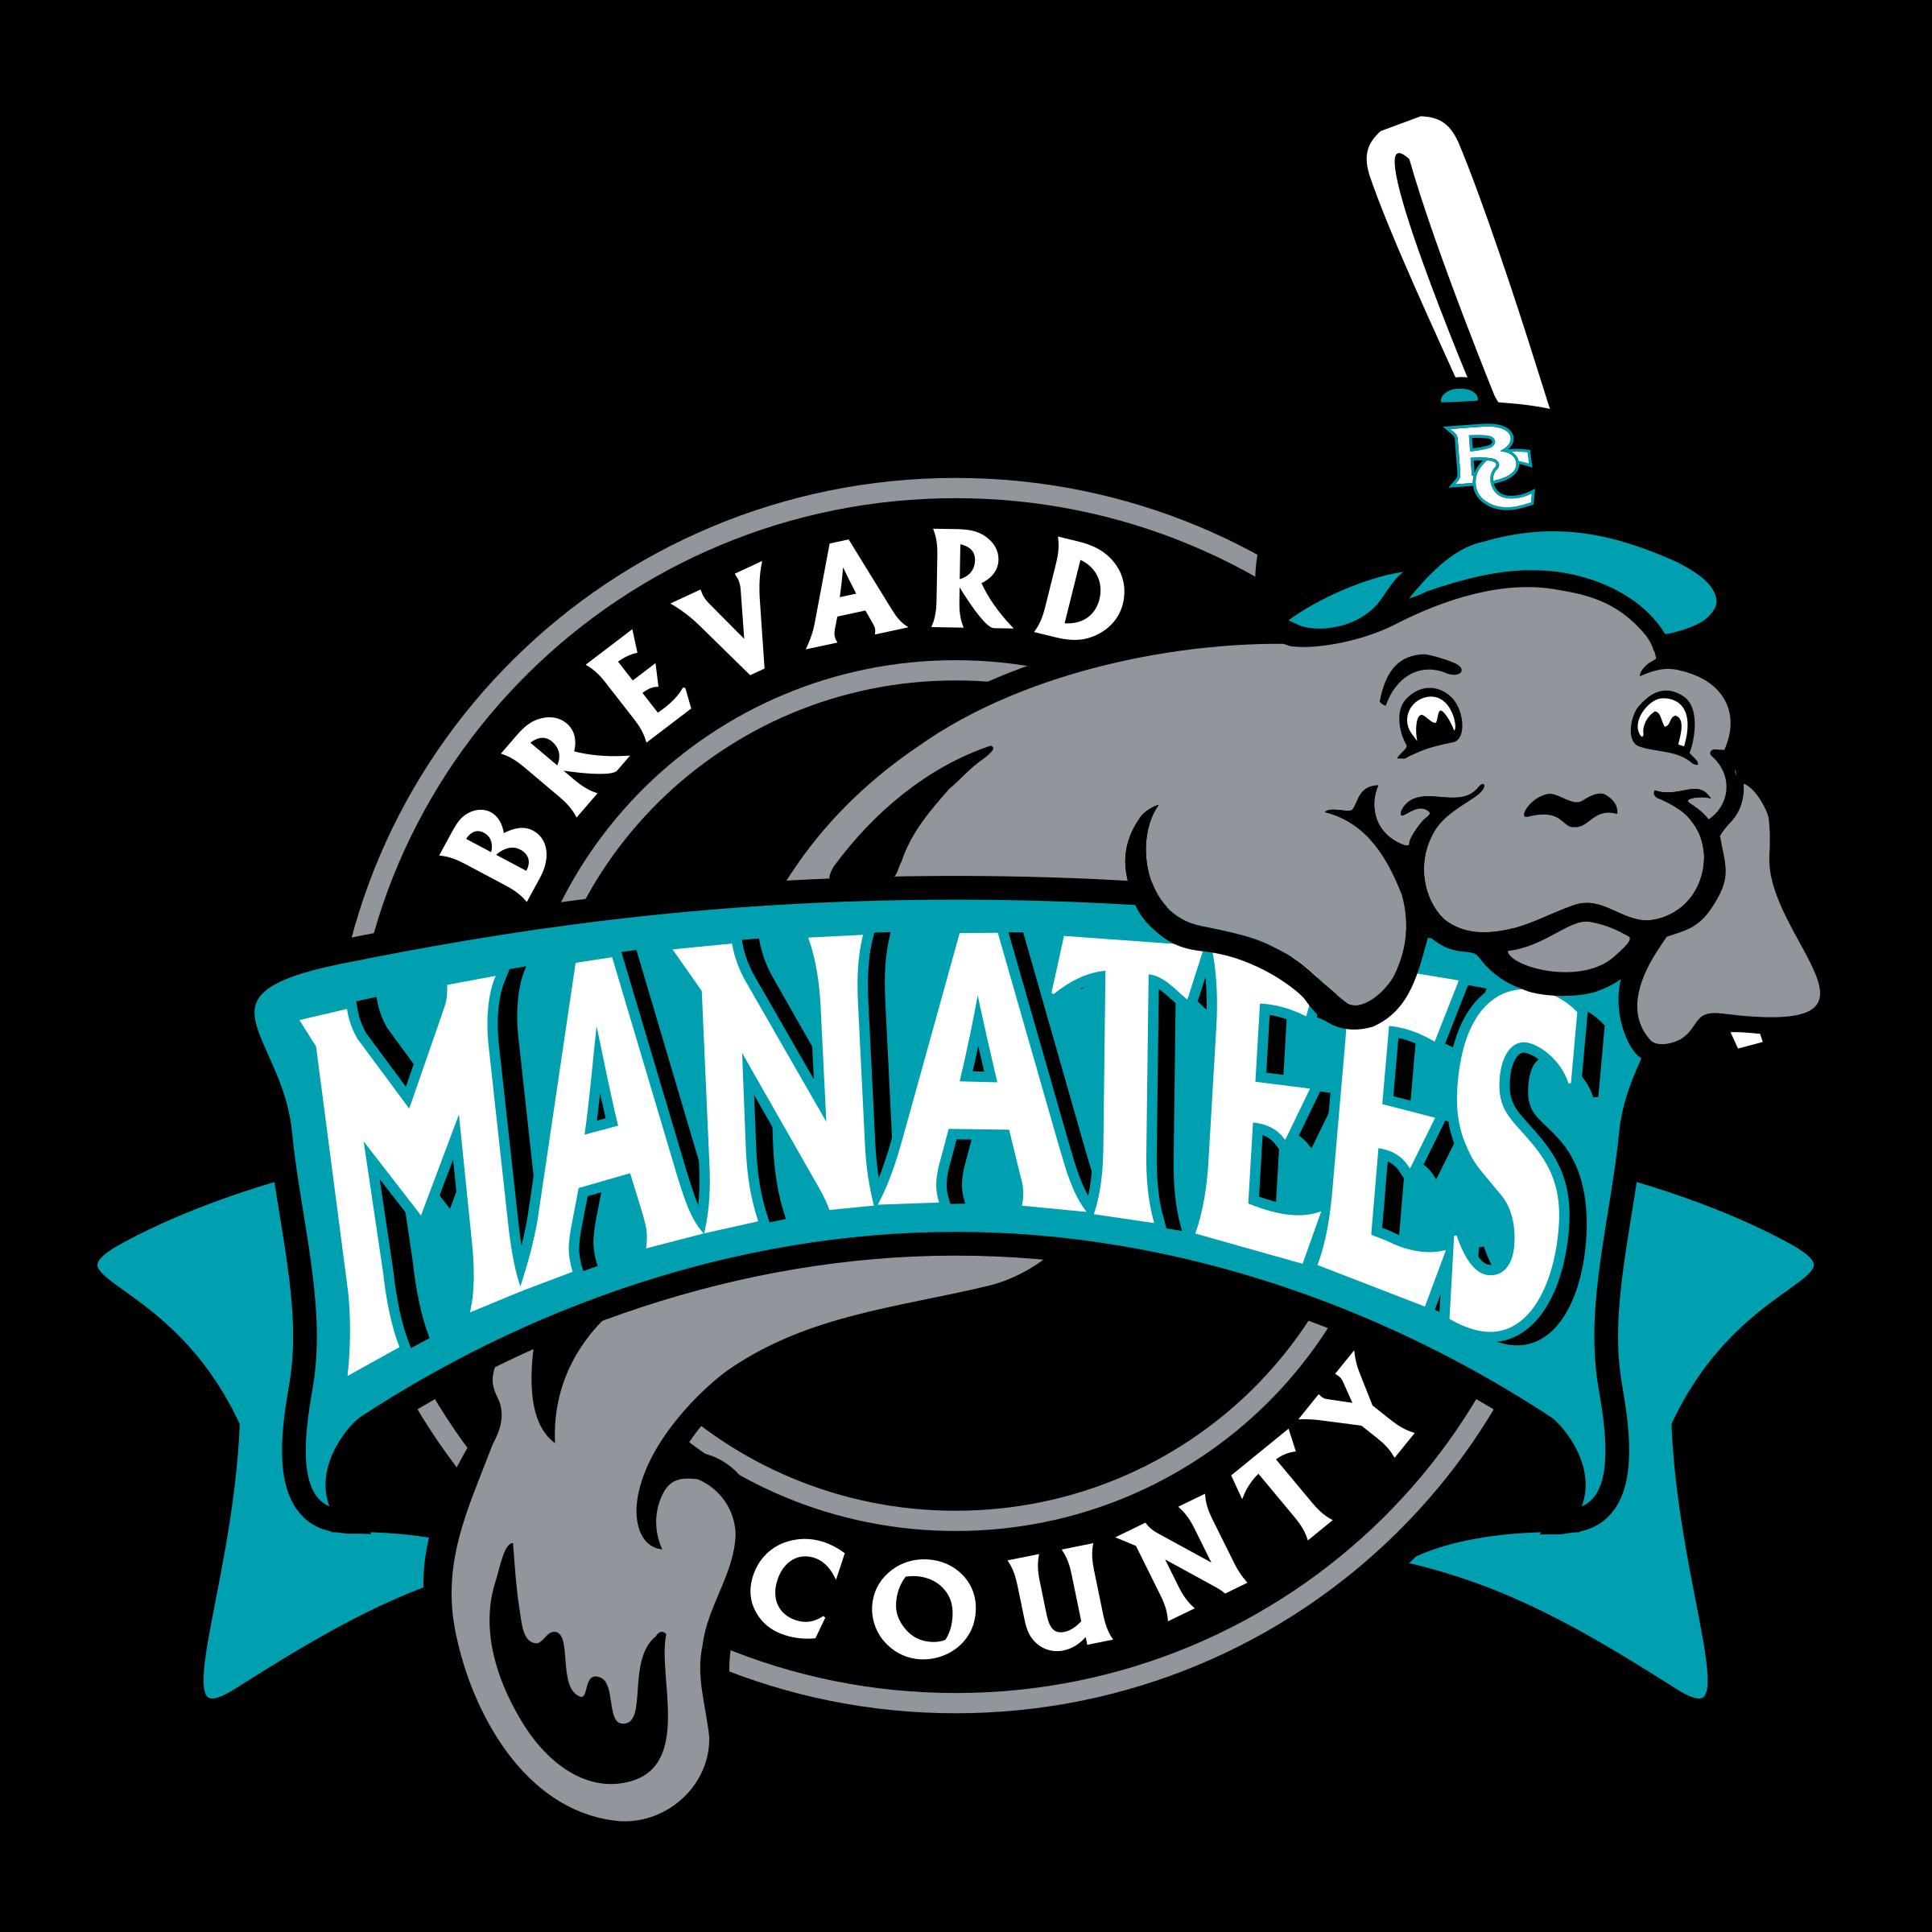 Manatee clipart svg. Brevard county manatees logo